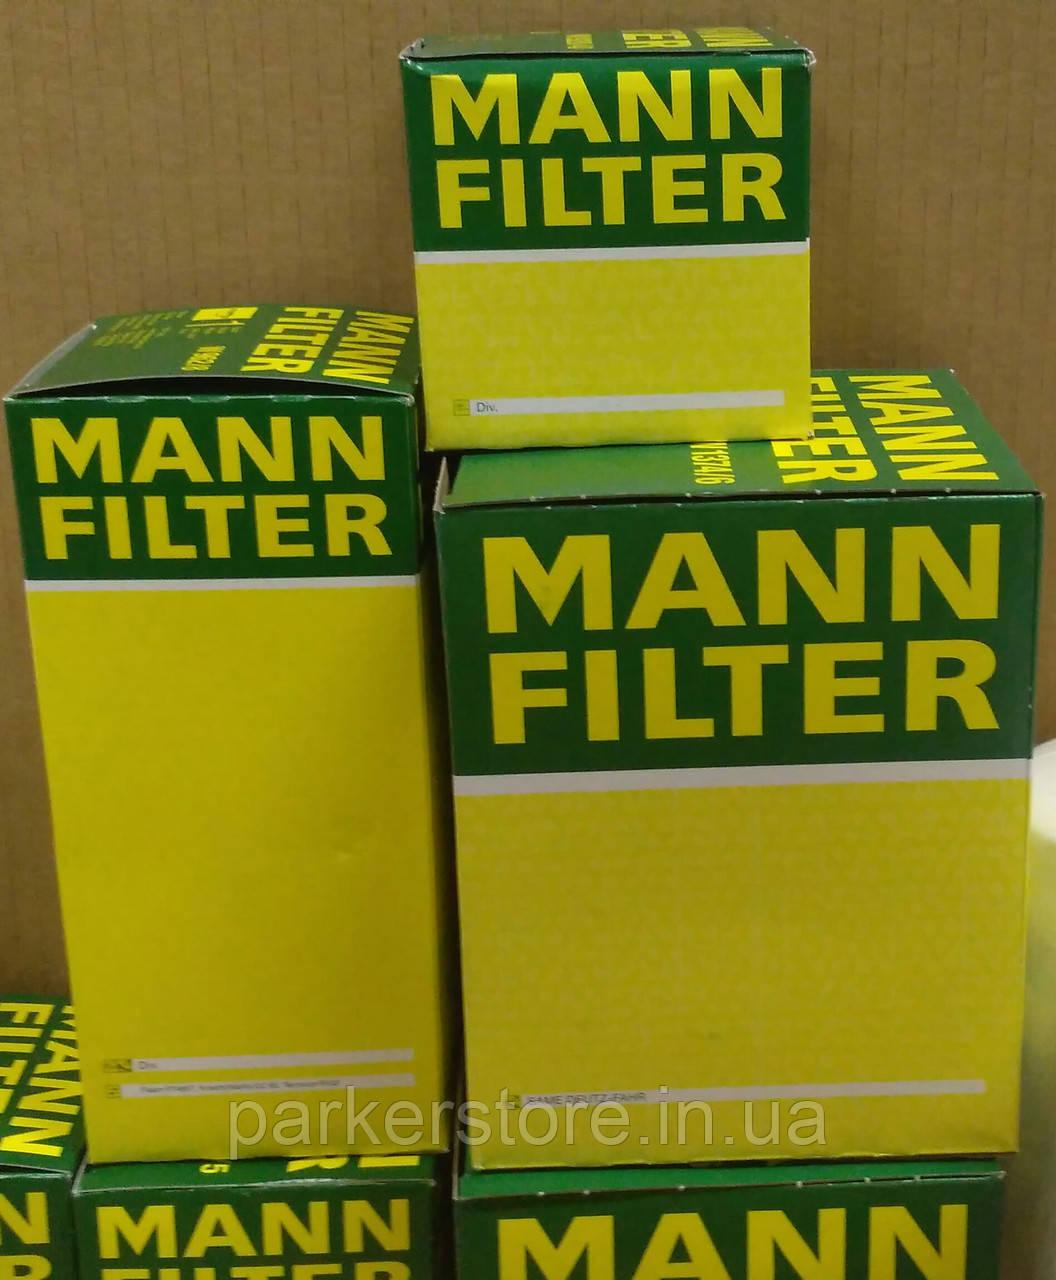 MANN FILTER / Повітряний фільтр / C 1250 / C1250